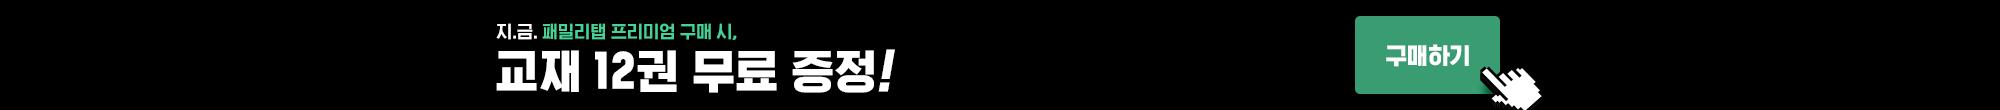 패밀리탭_비매품 교재 12종 증정